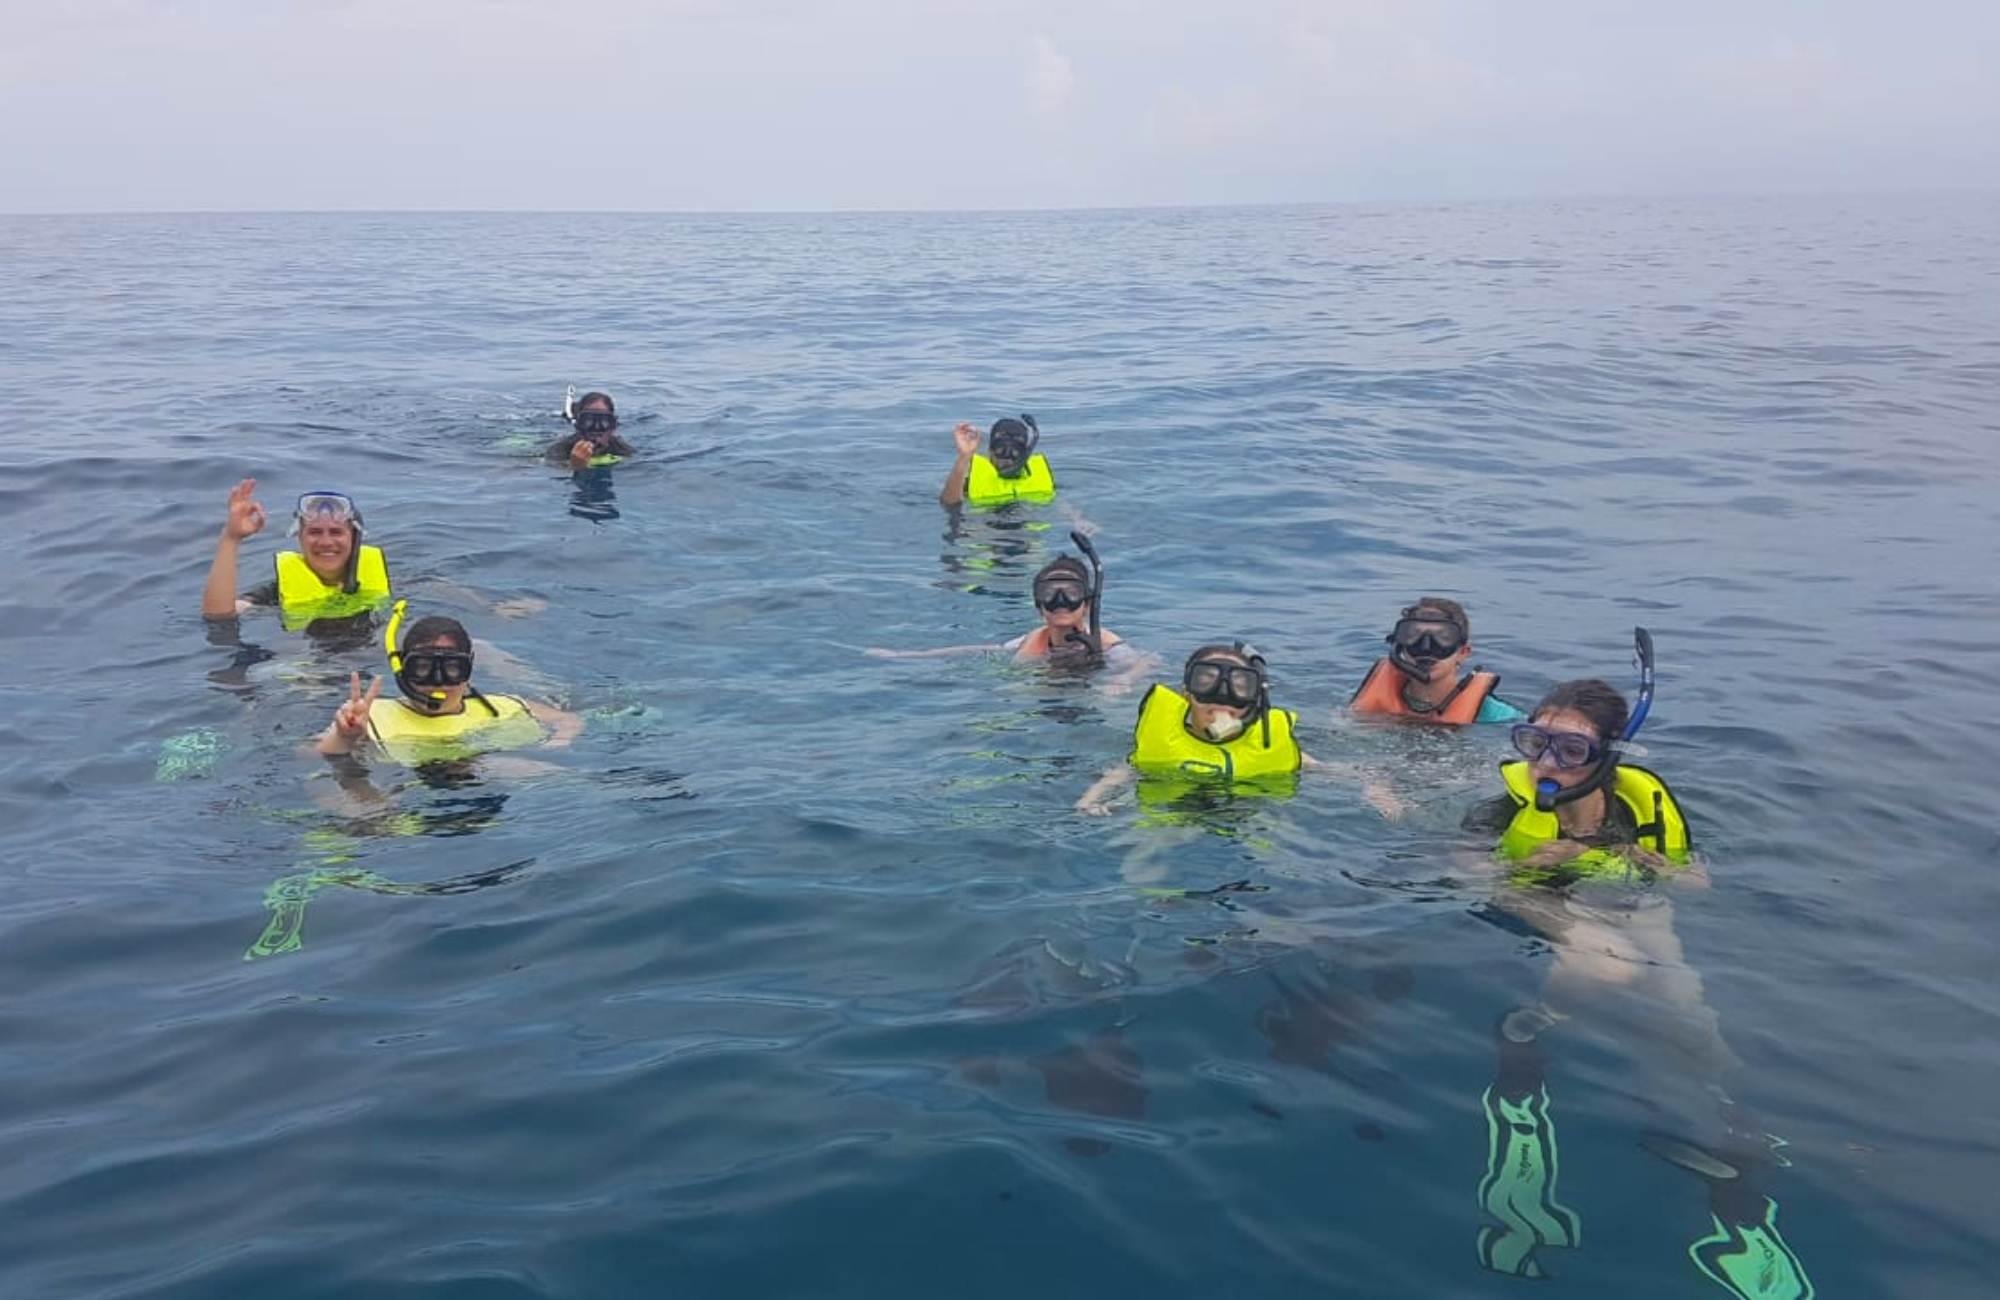 Juliette et son groupe au milieu du Pacifique